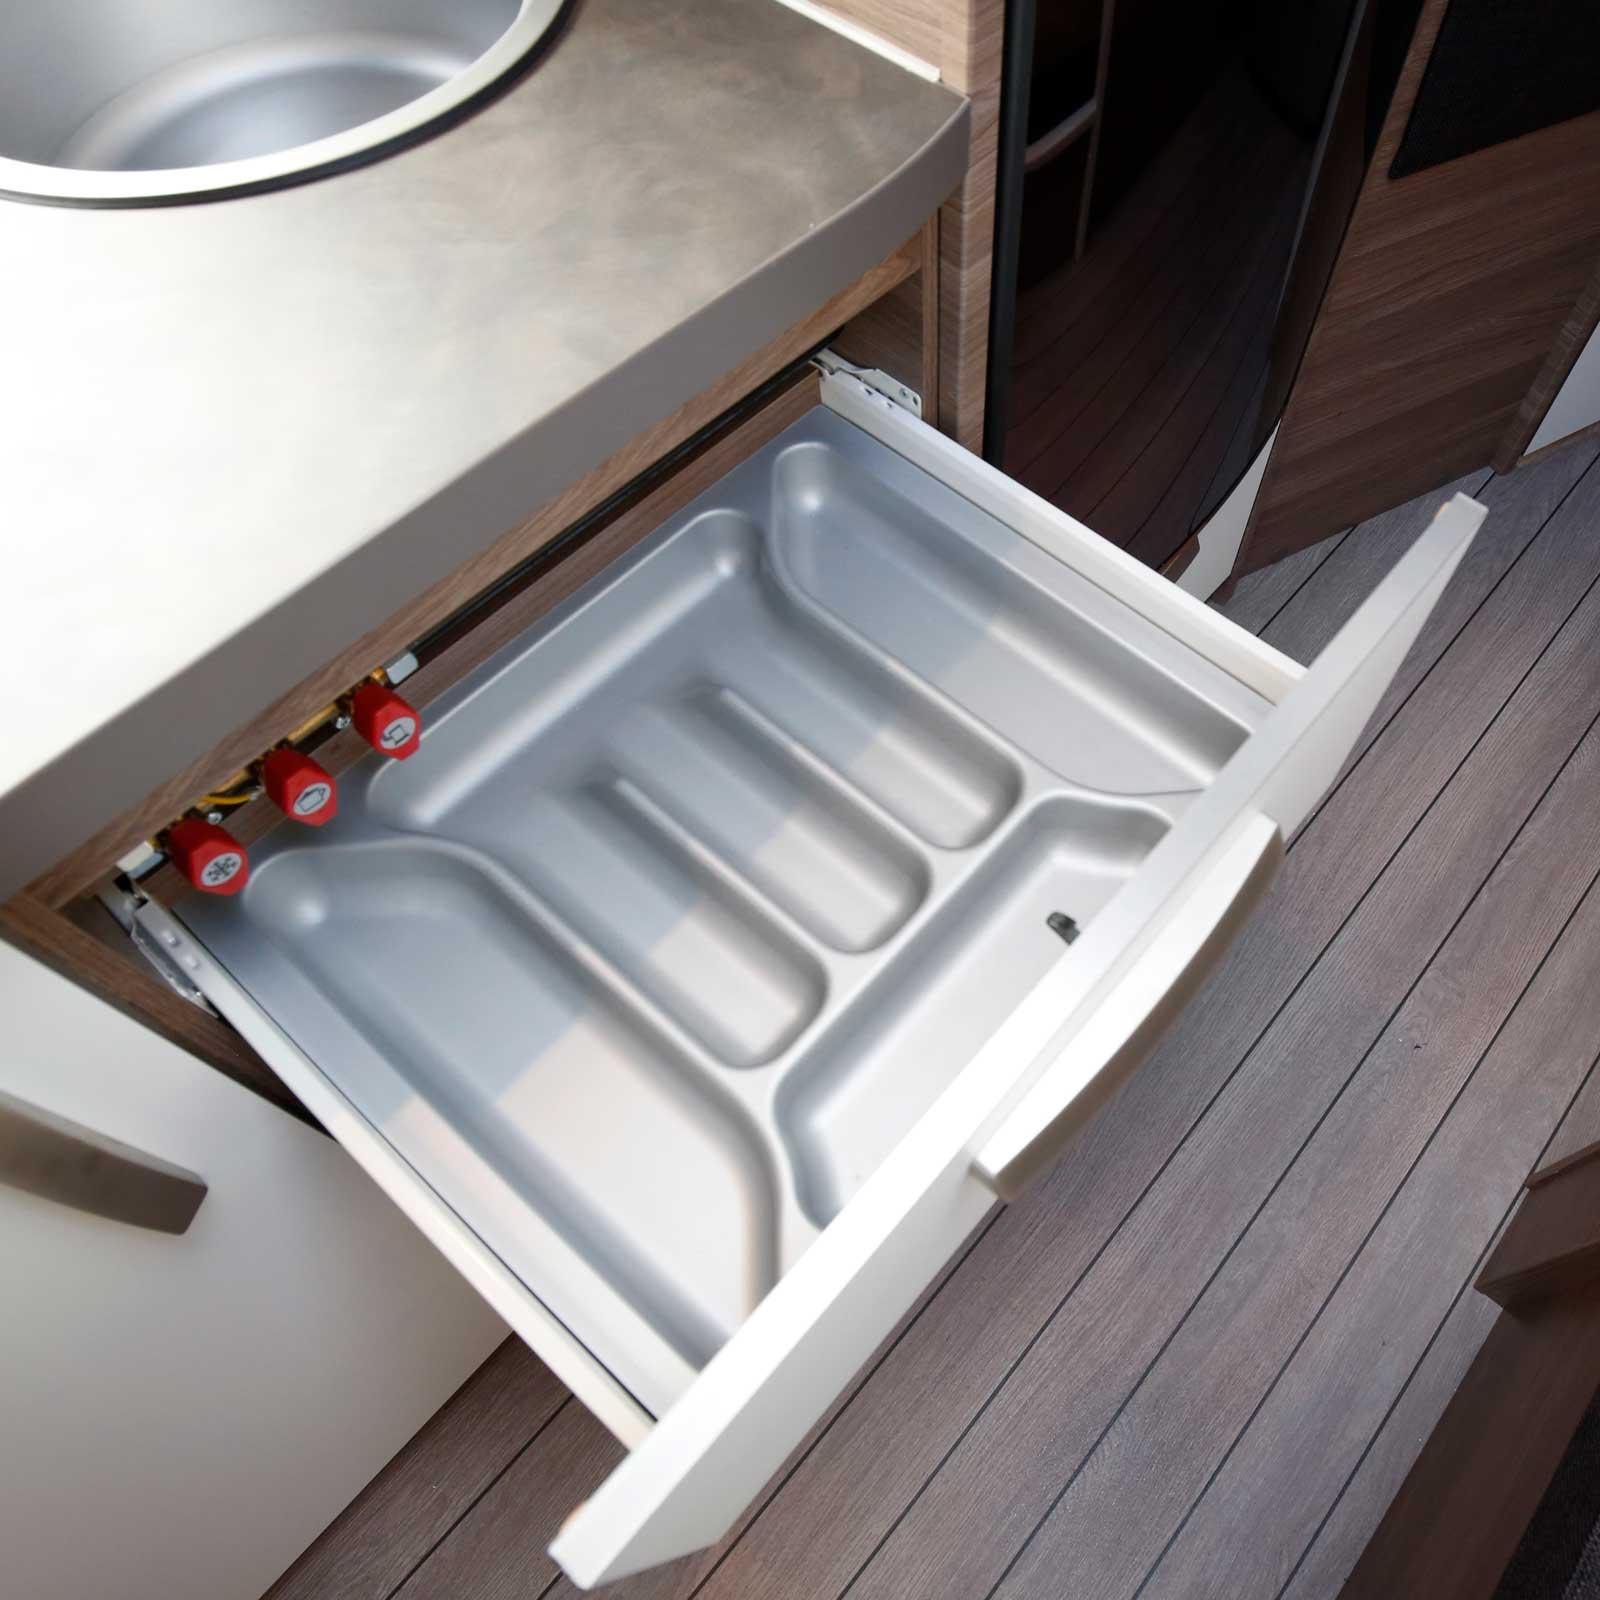 Besticklåda är en nödvändighet i ett komplett husvagnskök.